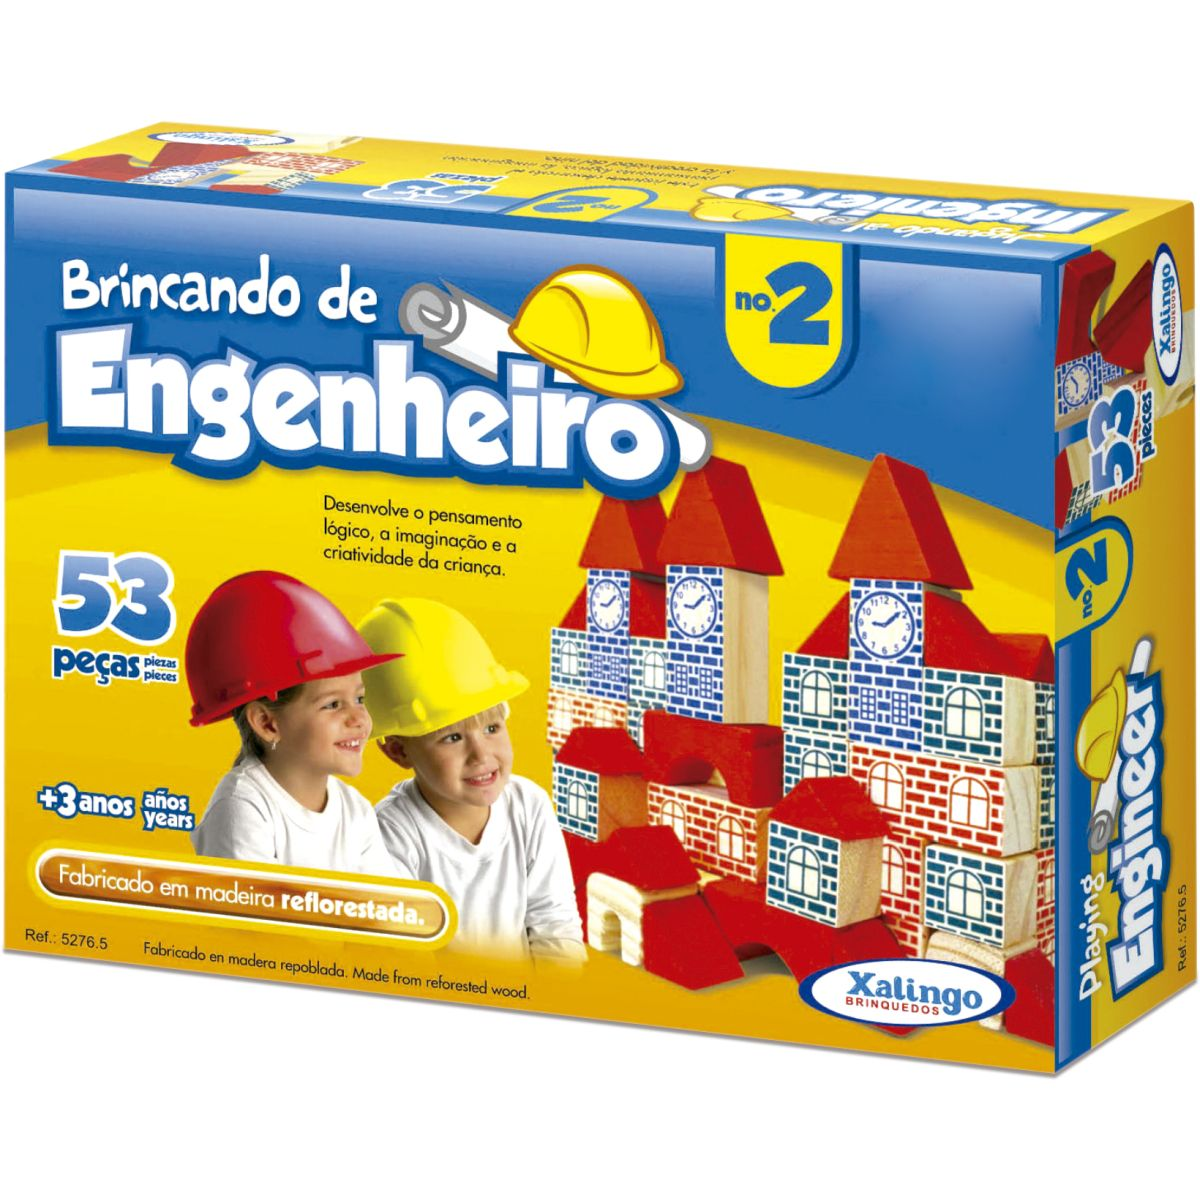 Brinquedo Pedagogico Madeira Brincando Engenheiro 2 53 Peças